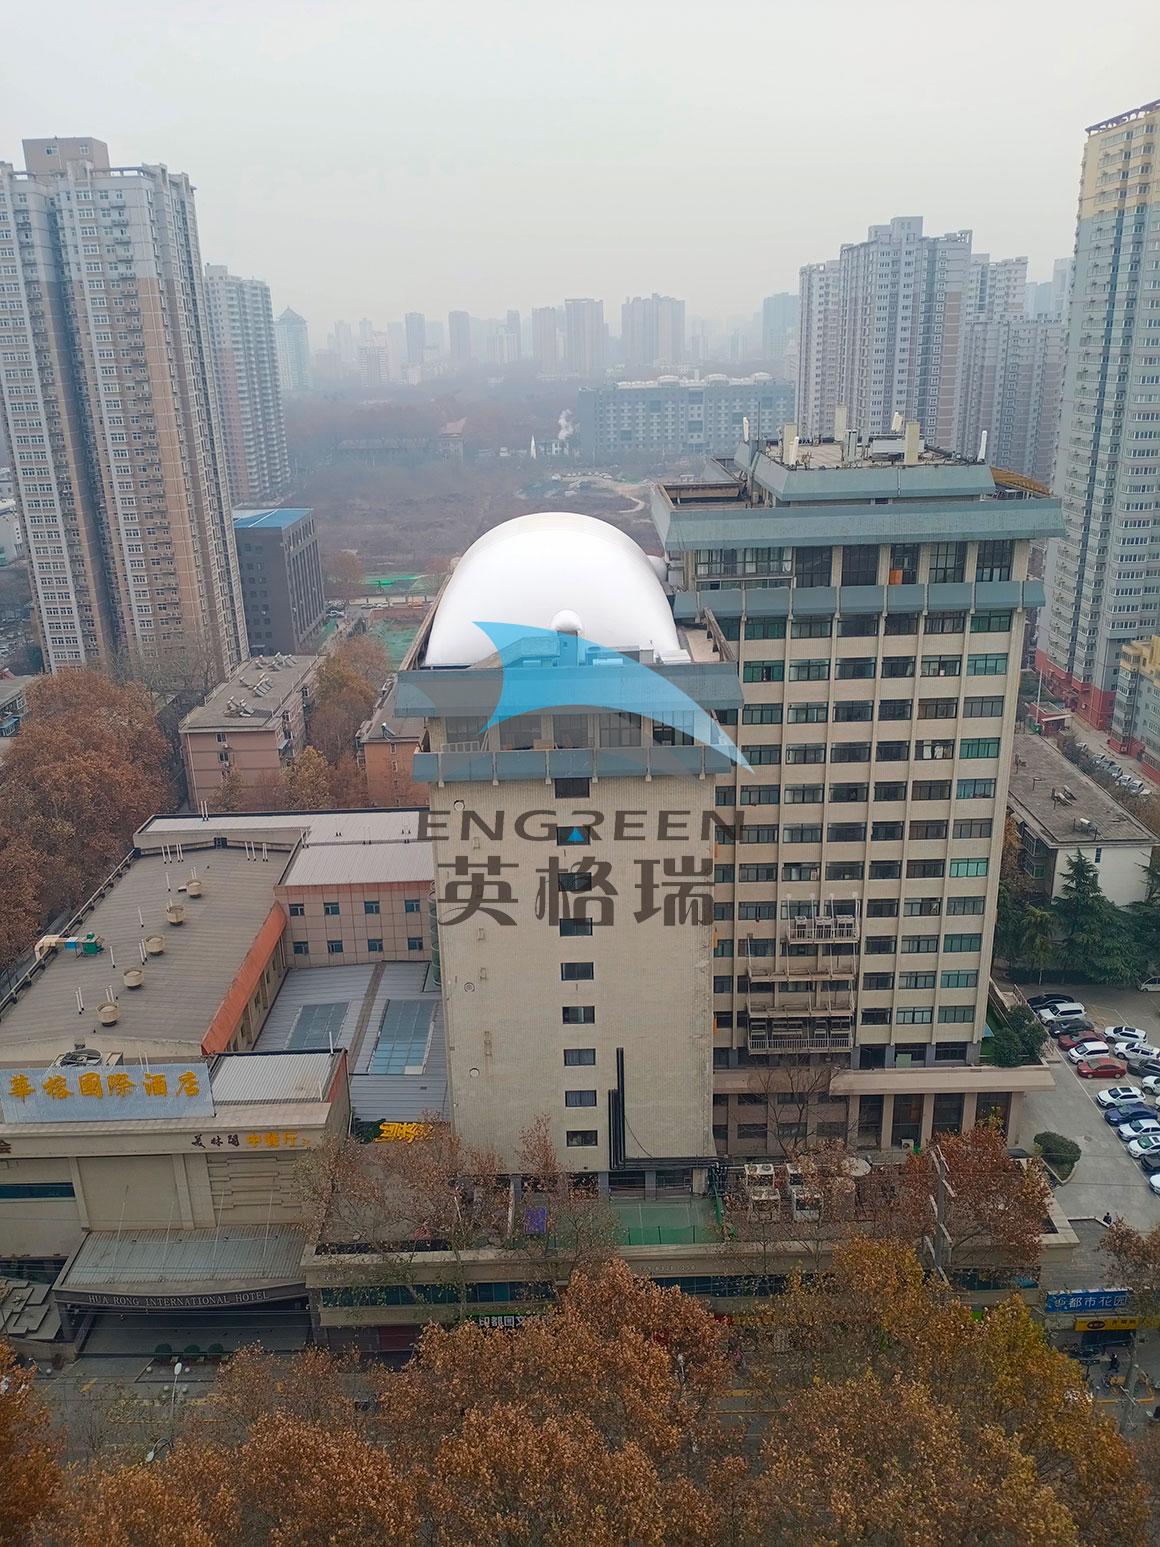 用膜建筑室内体育馆当隔热层是很多楼顶建筑的不错选择